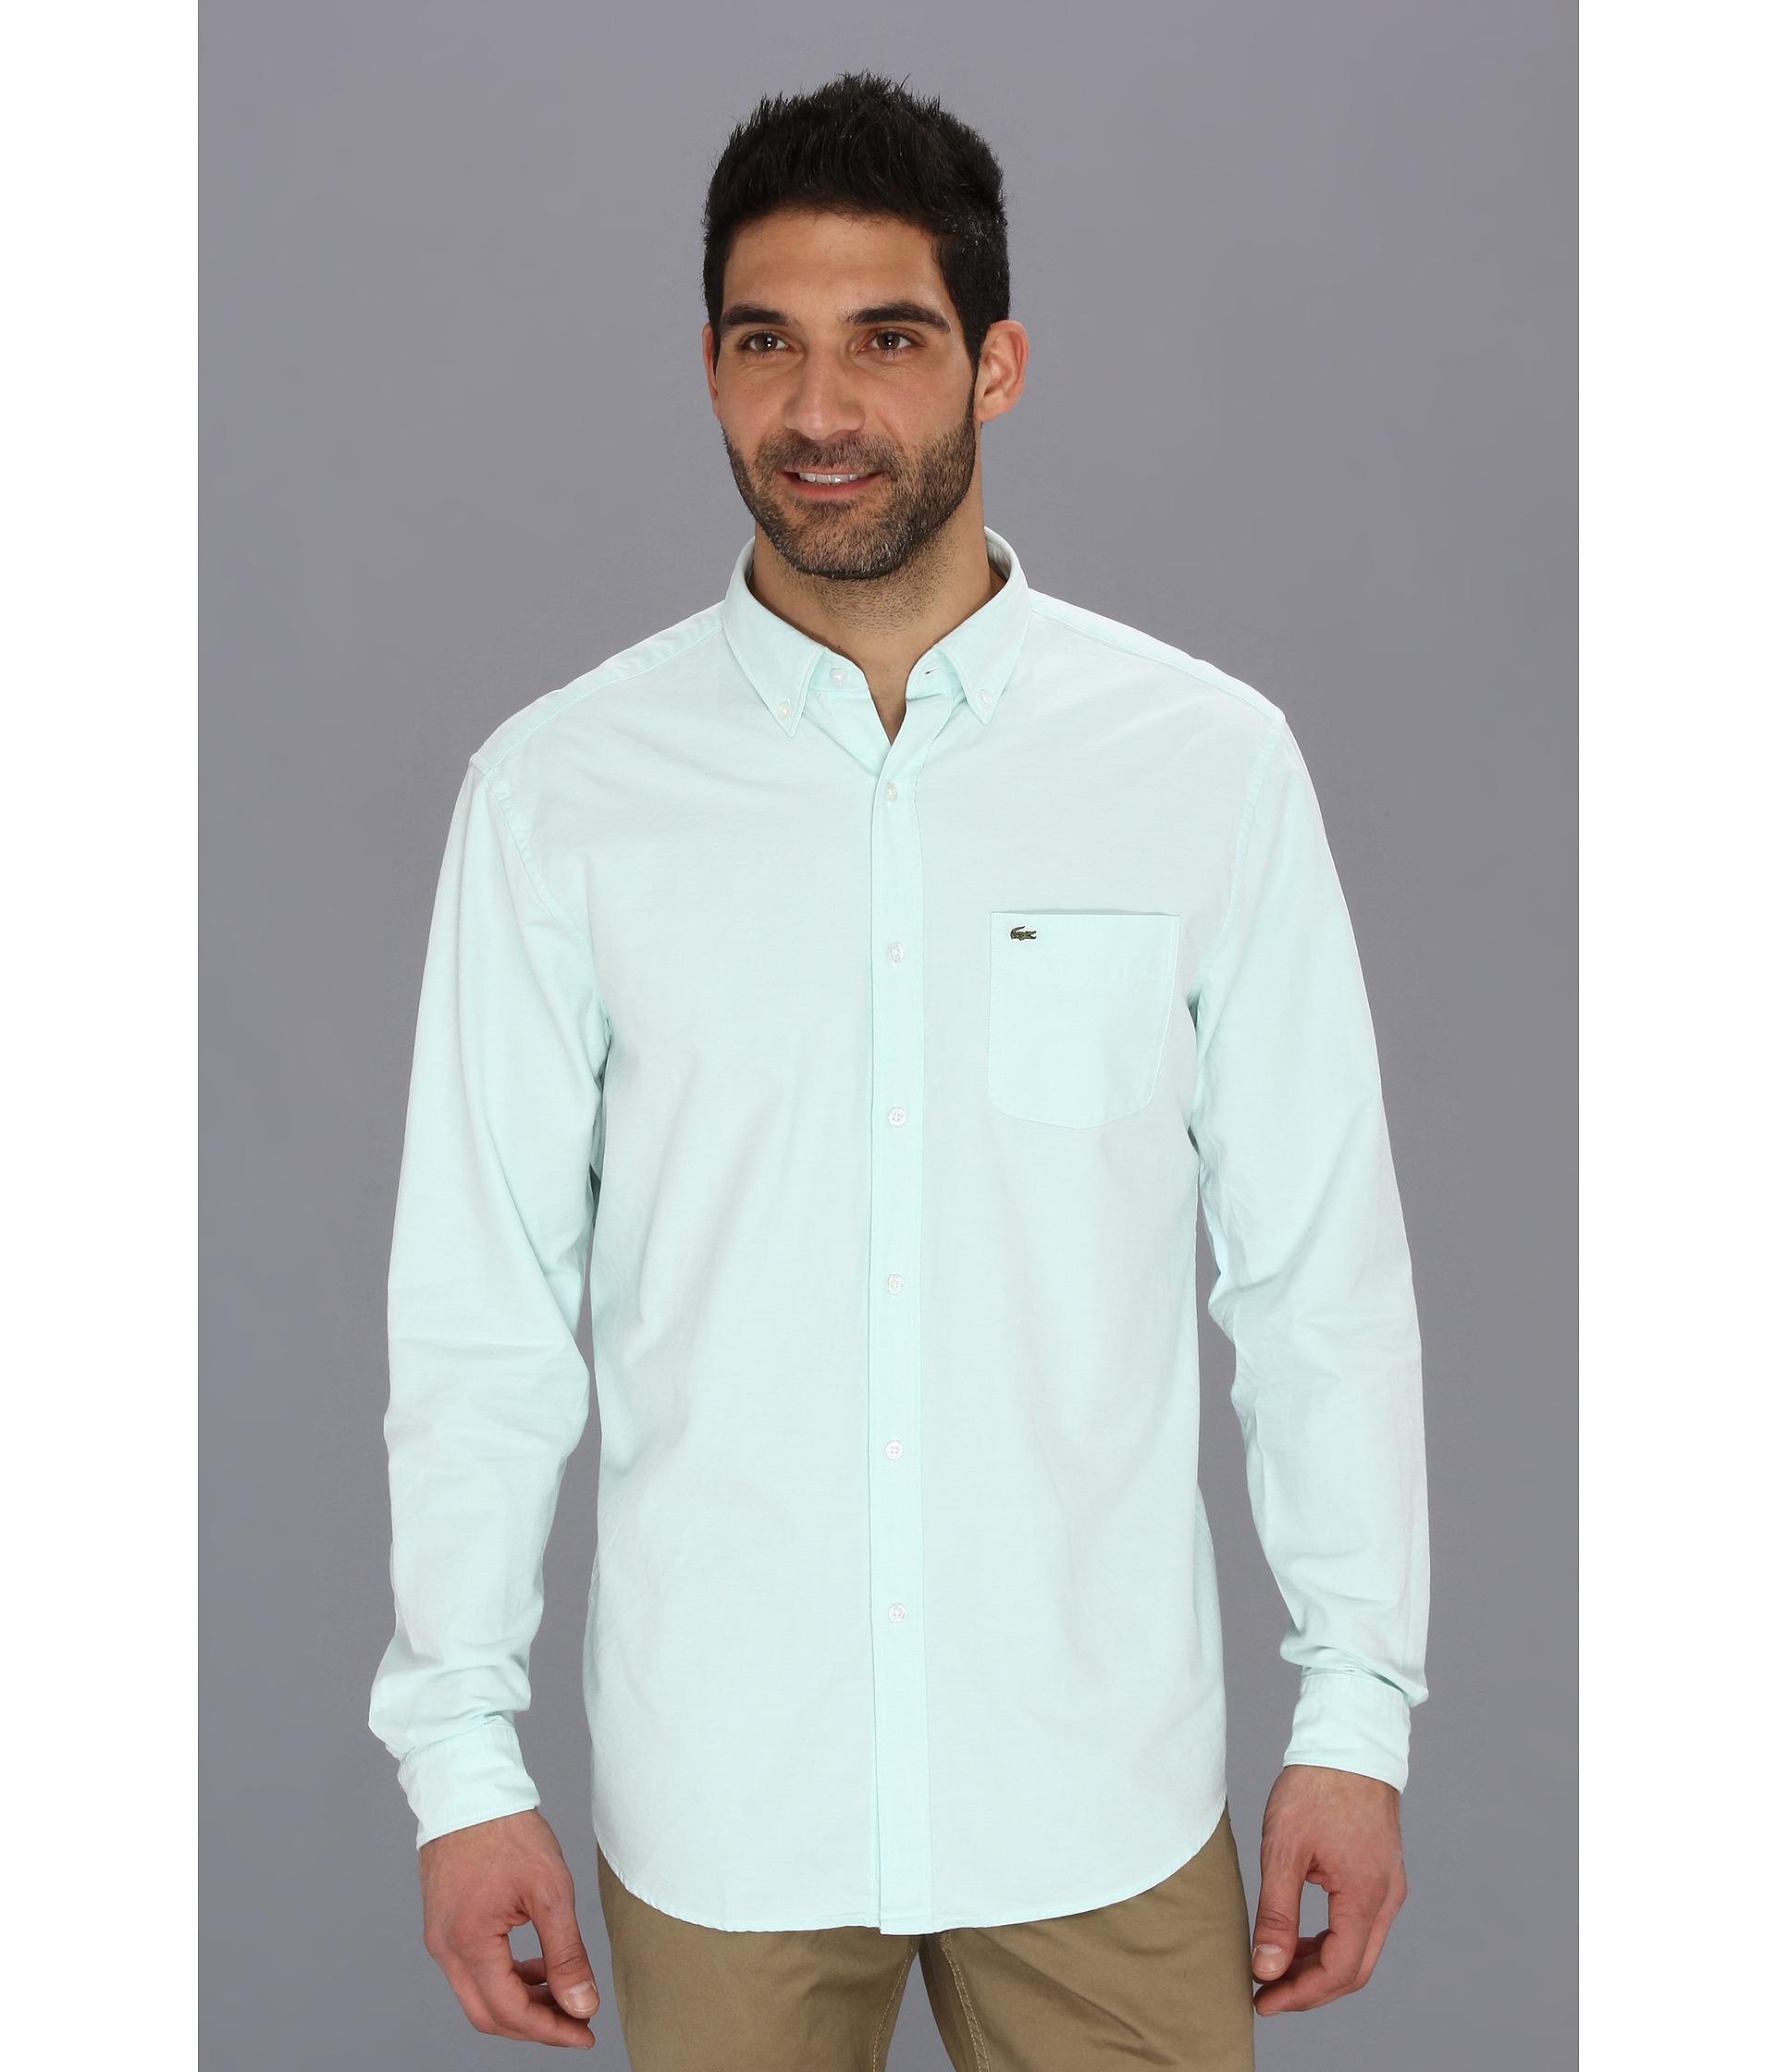 79c48213de Lacoste Green Long Sleeve Button Down Oxford Woven Shirt for men